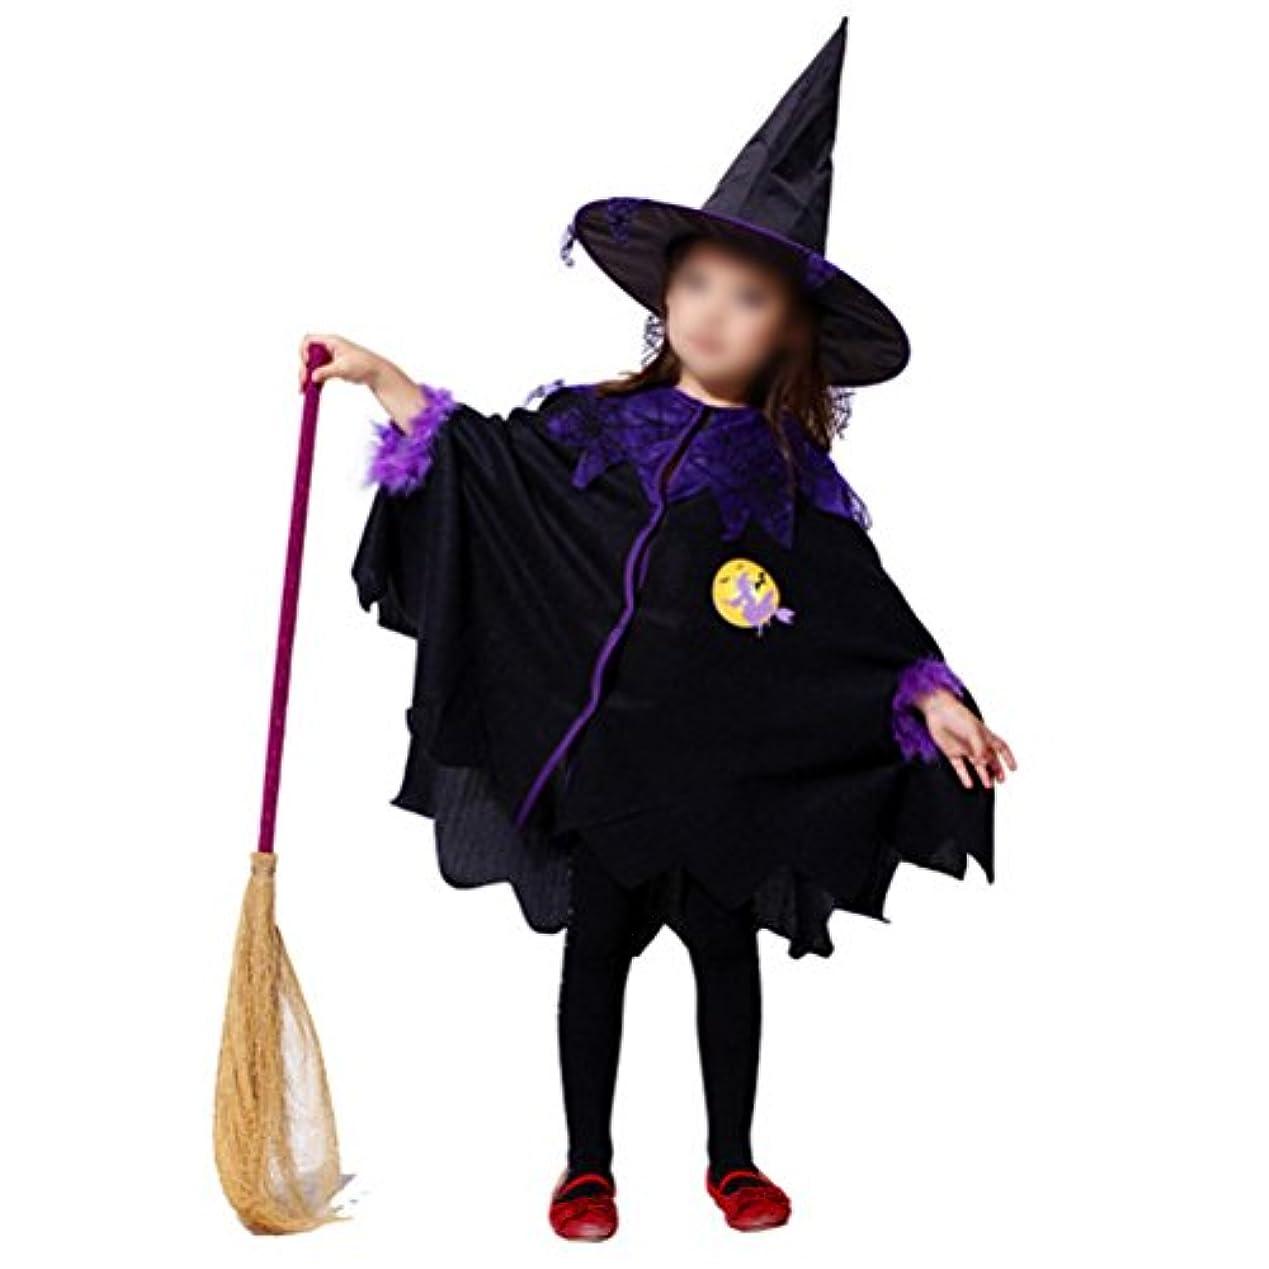 幸福光電その結果BESTOYARD 子供ハロウィンコスプレ衣装コスプレドレスアップ帽子とクローク(ブラックL)